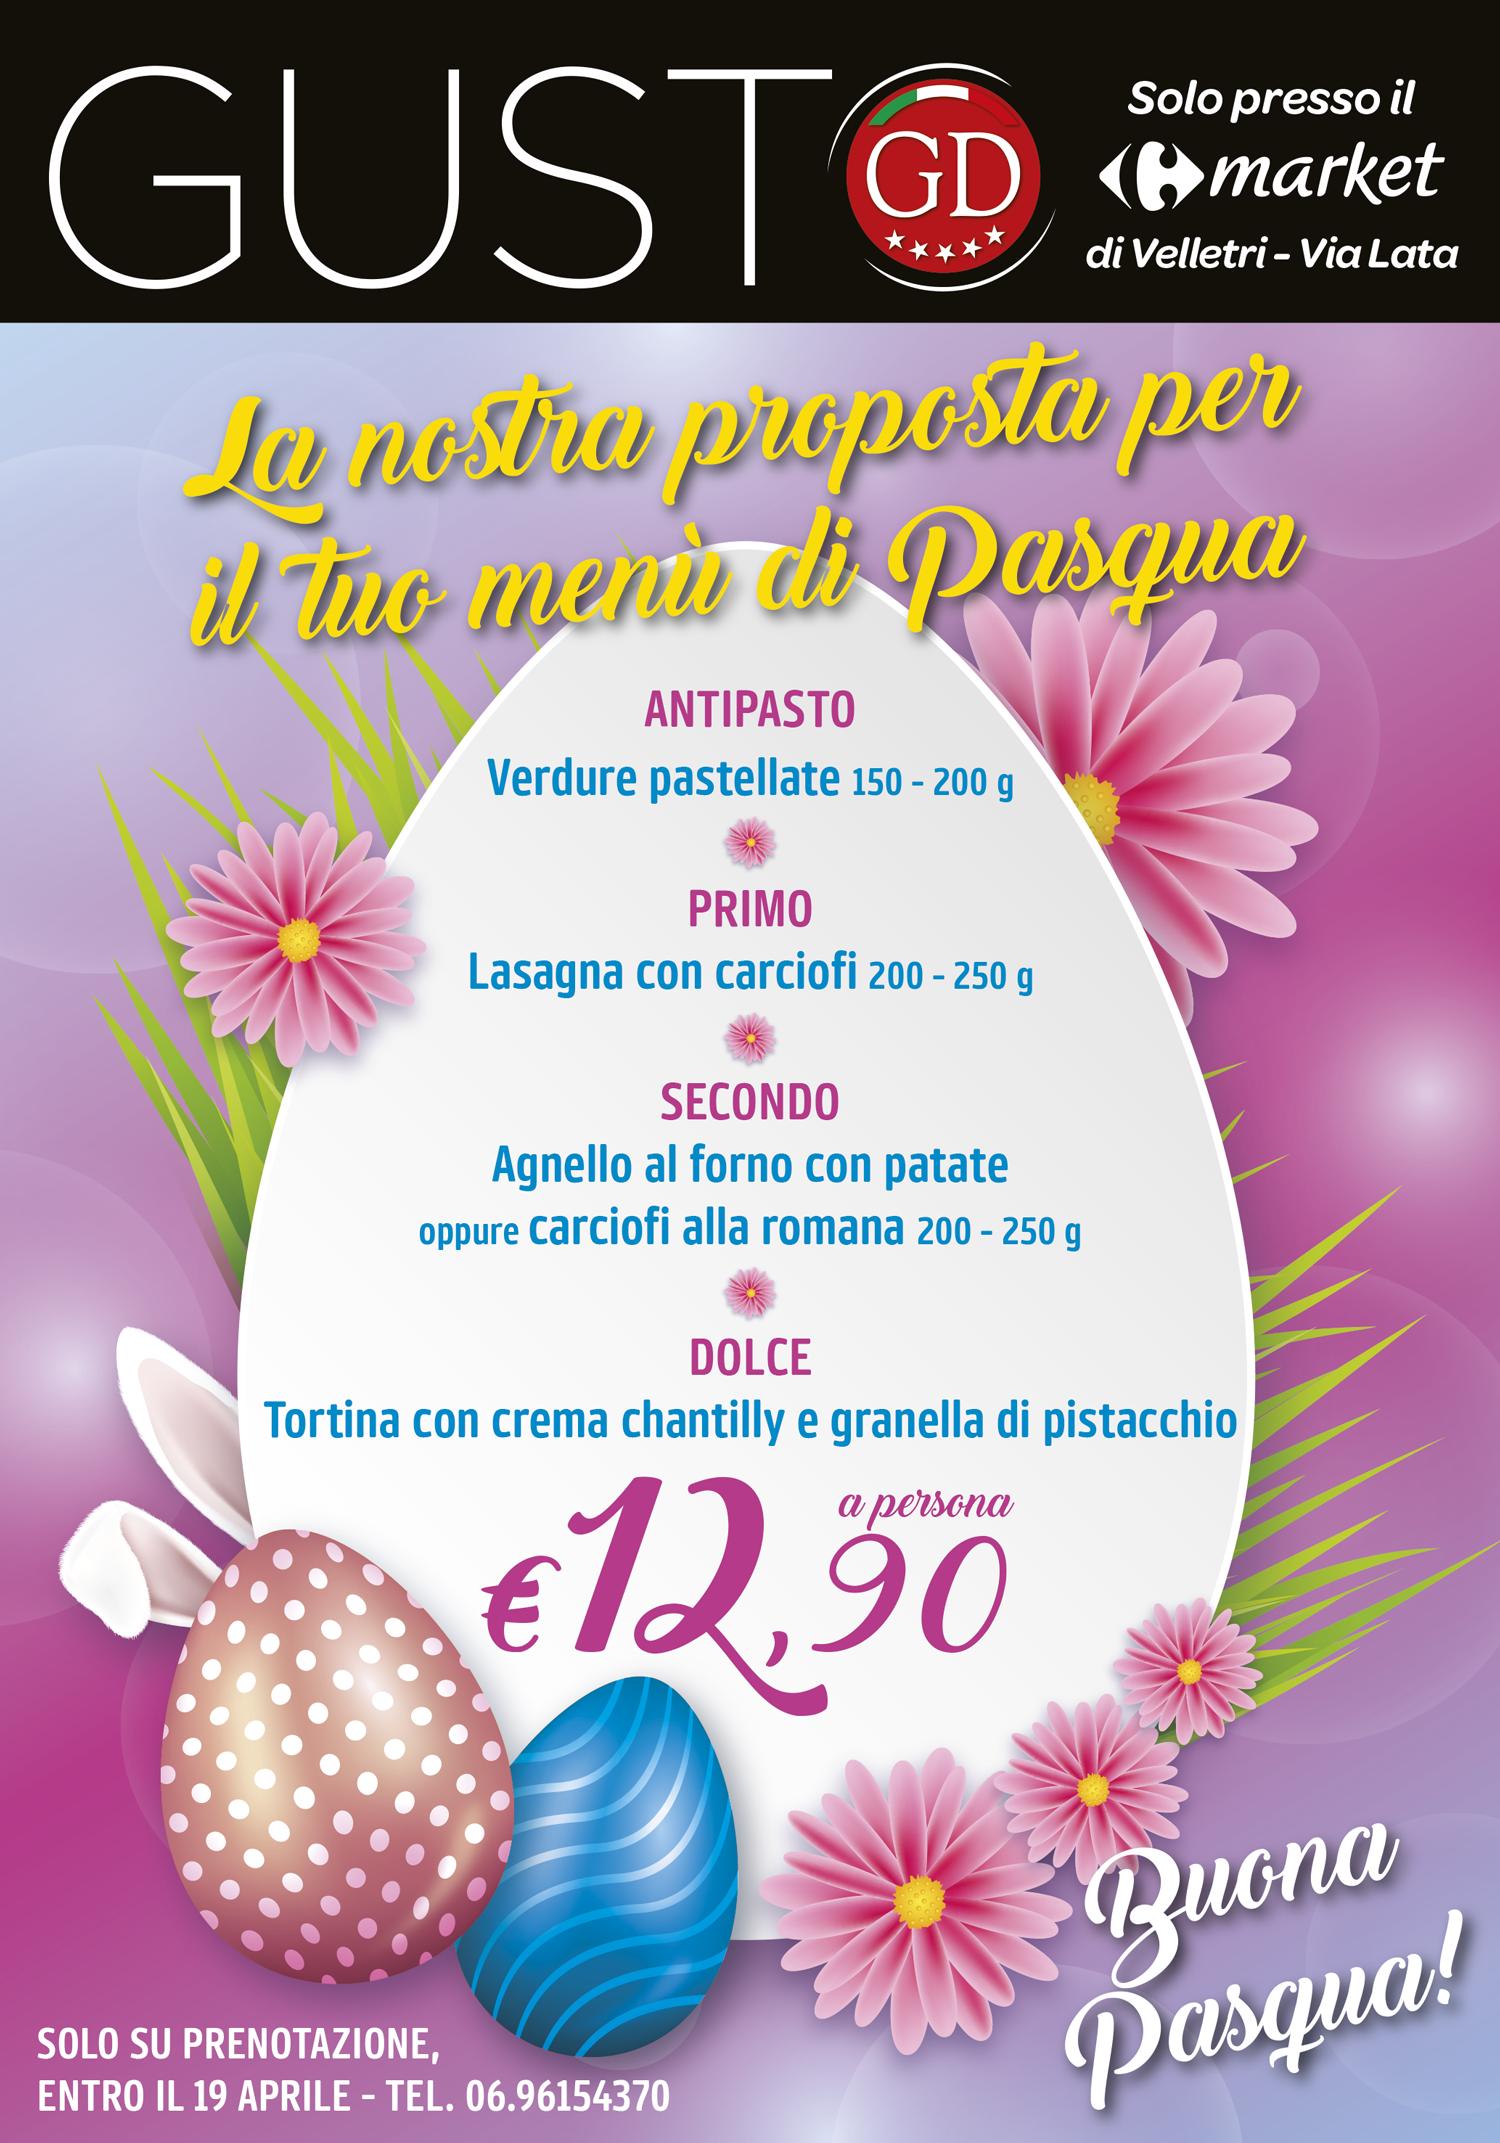 gusto-gd_velletri-via-lata_tavola-calda-pinseria-pasqua